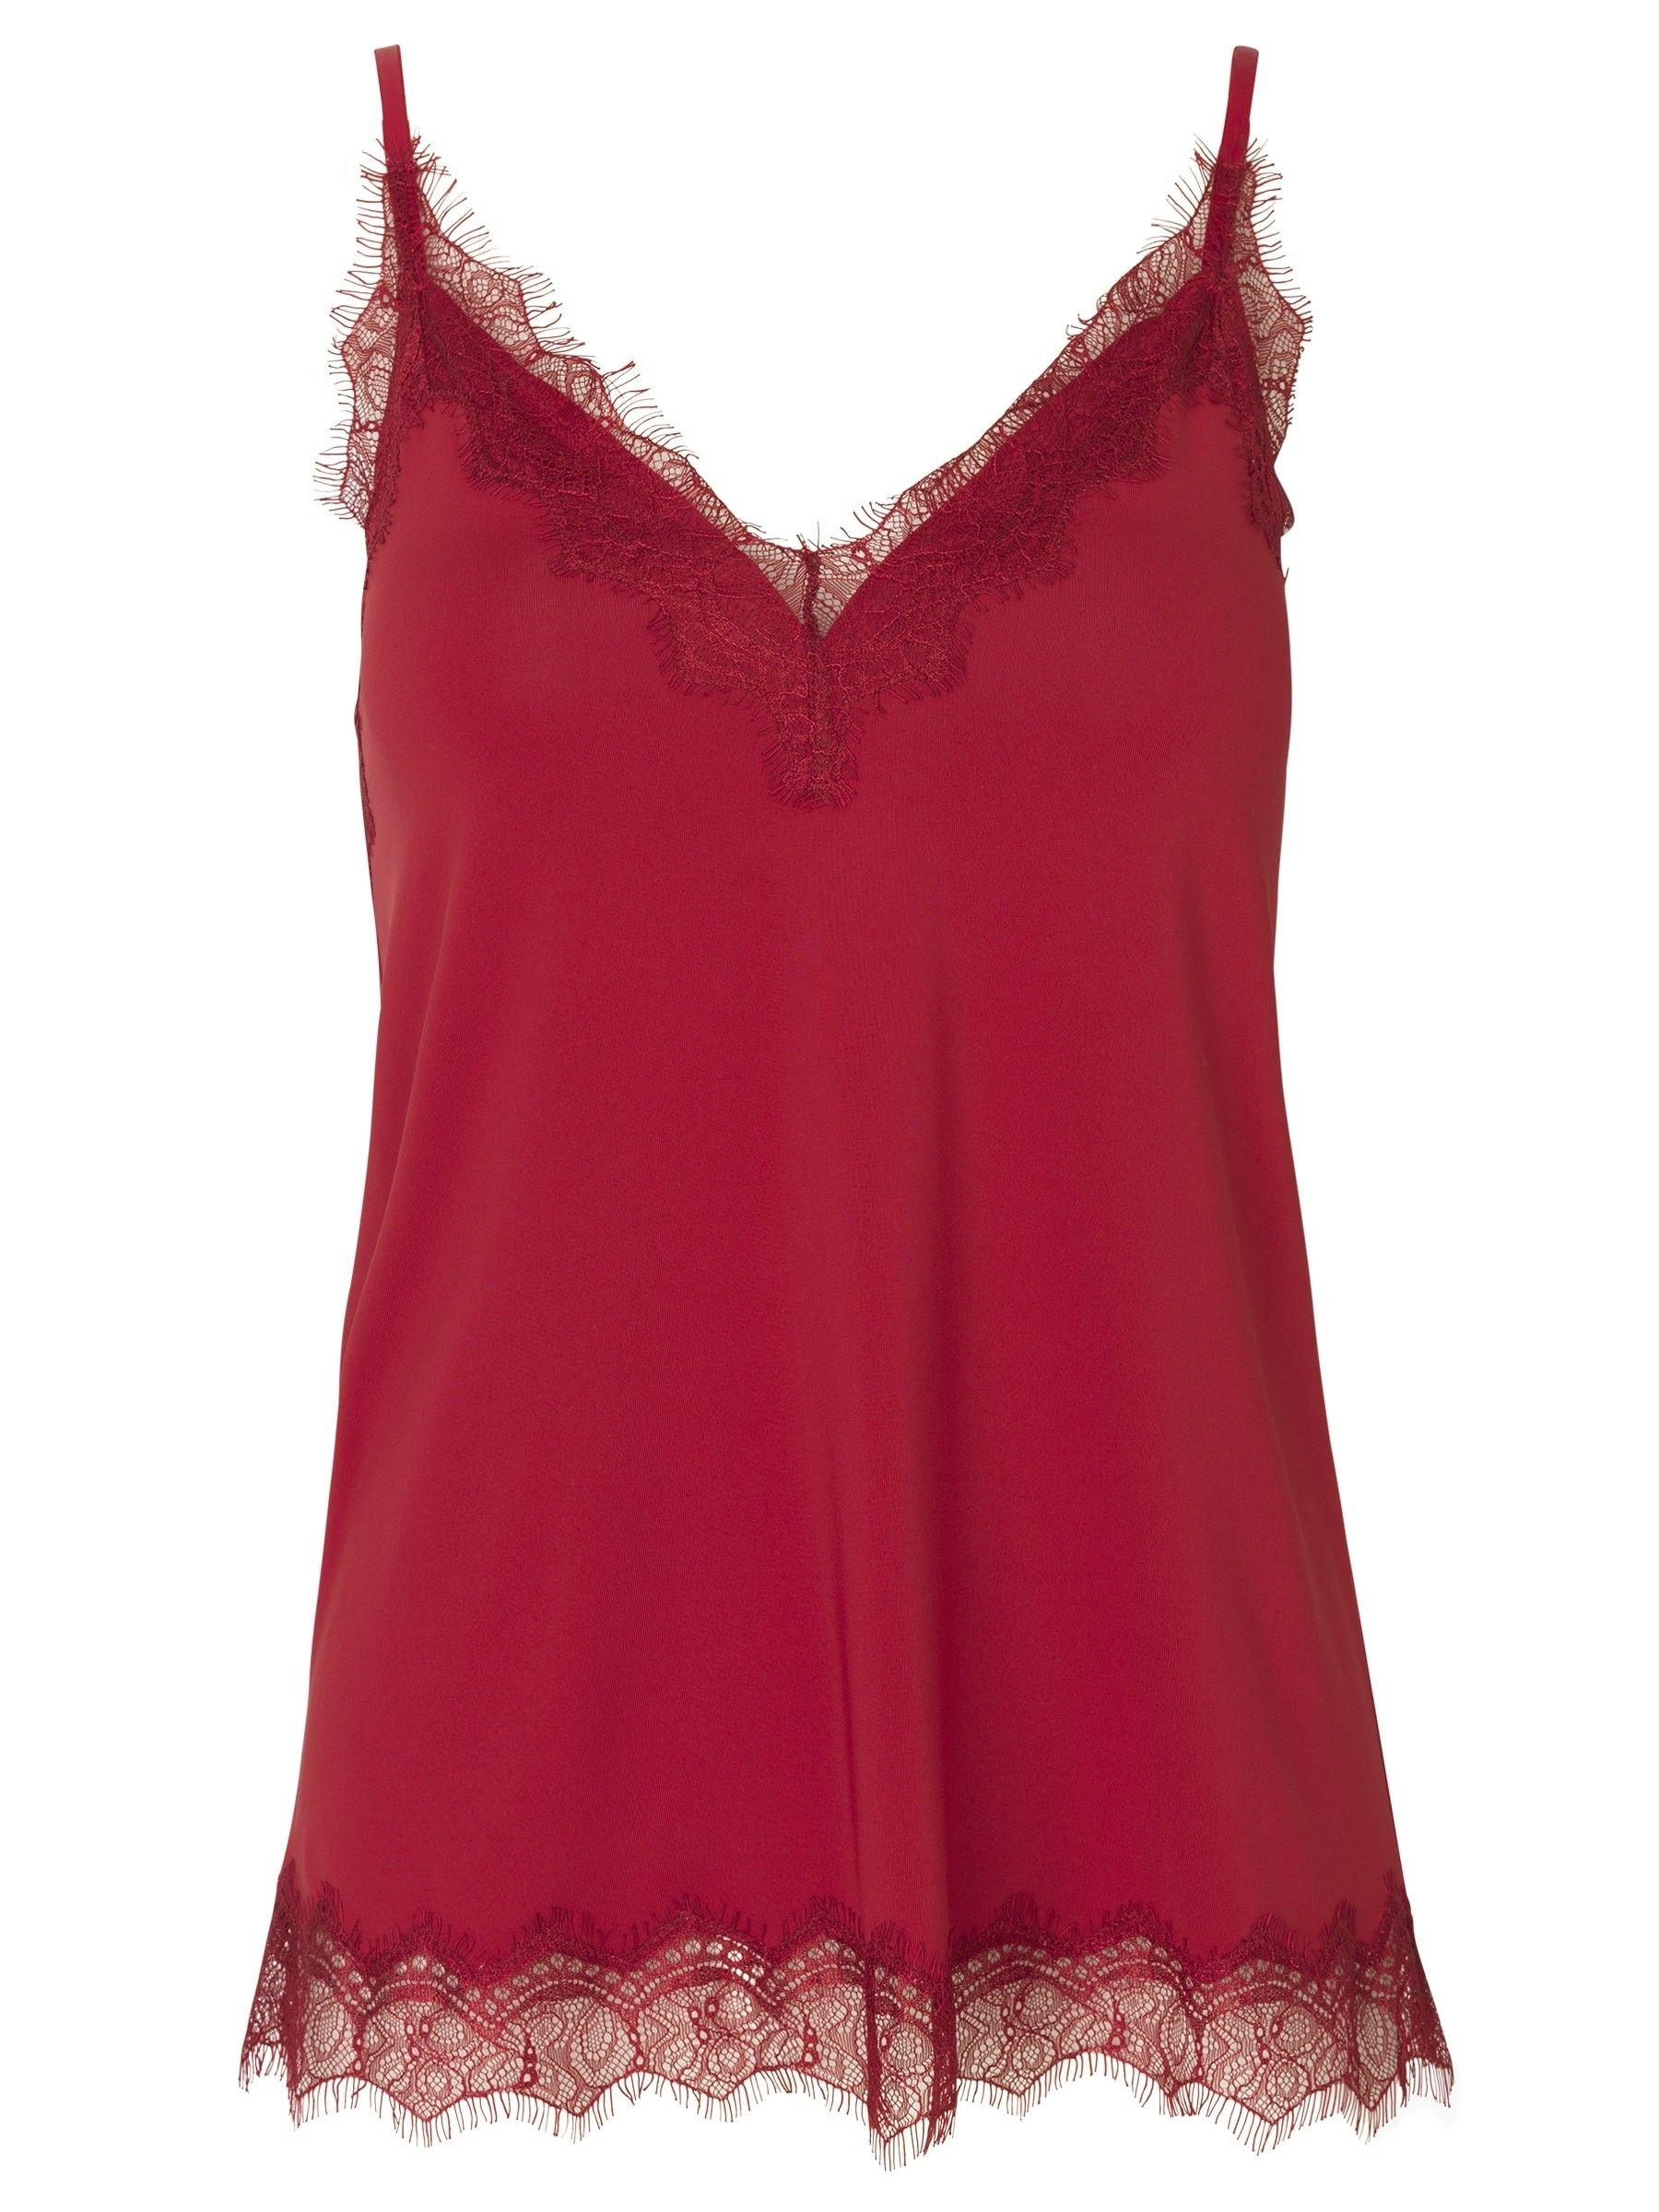 ROSEMUNDE - Damen Shirt - Strap Top - Deep Red